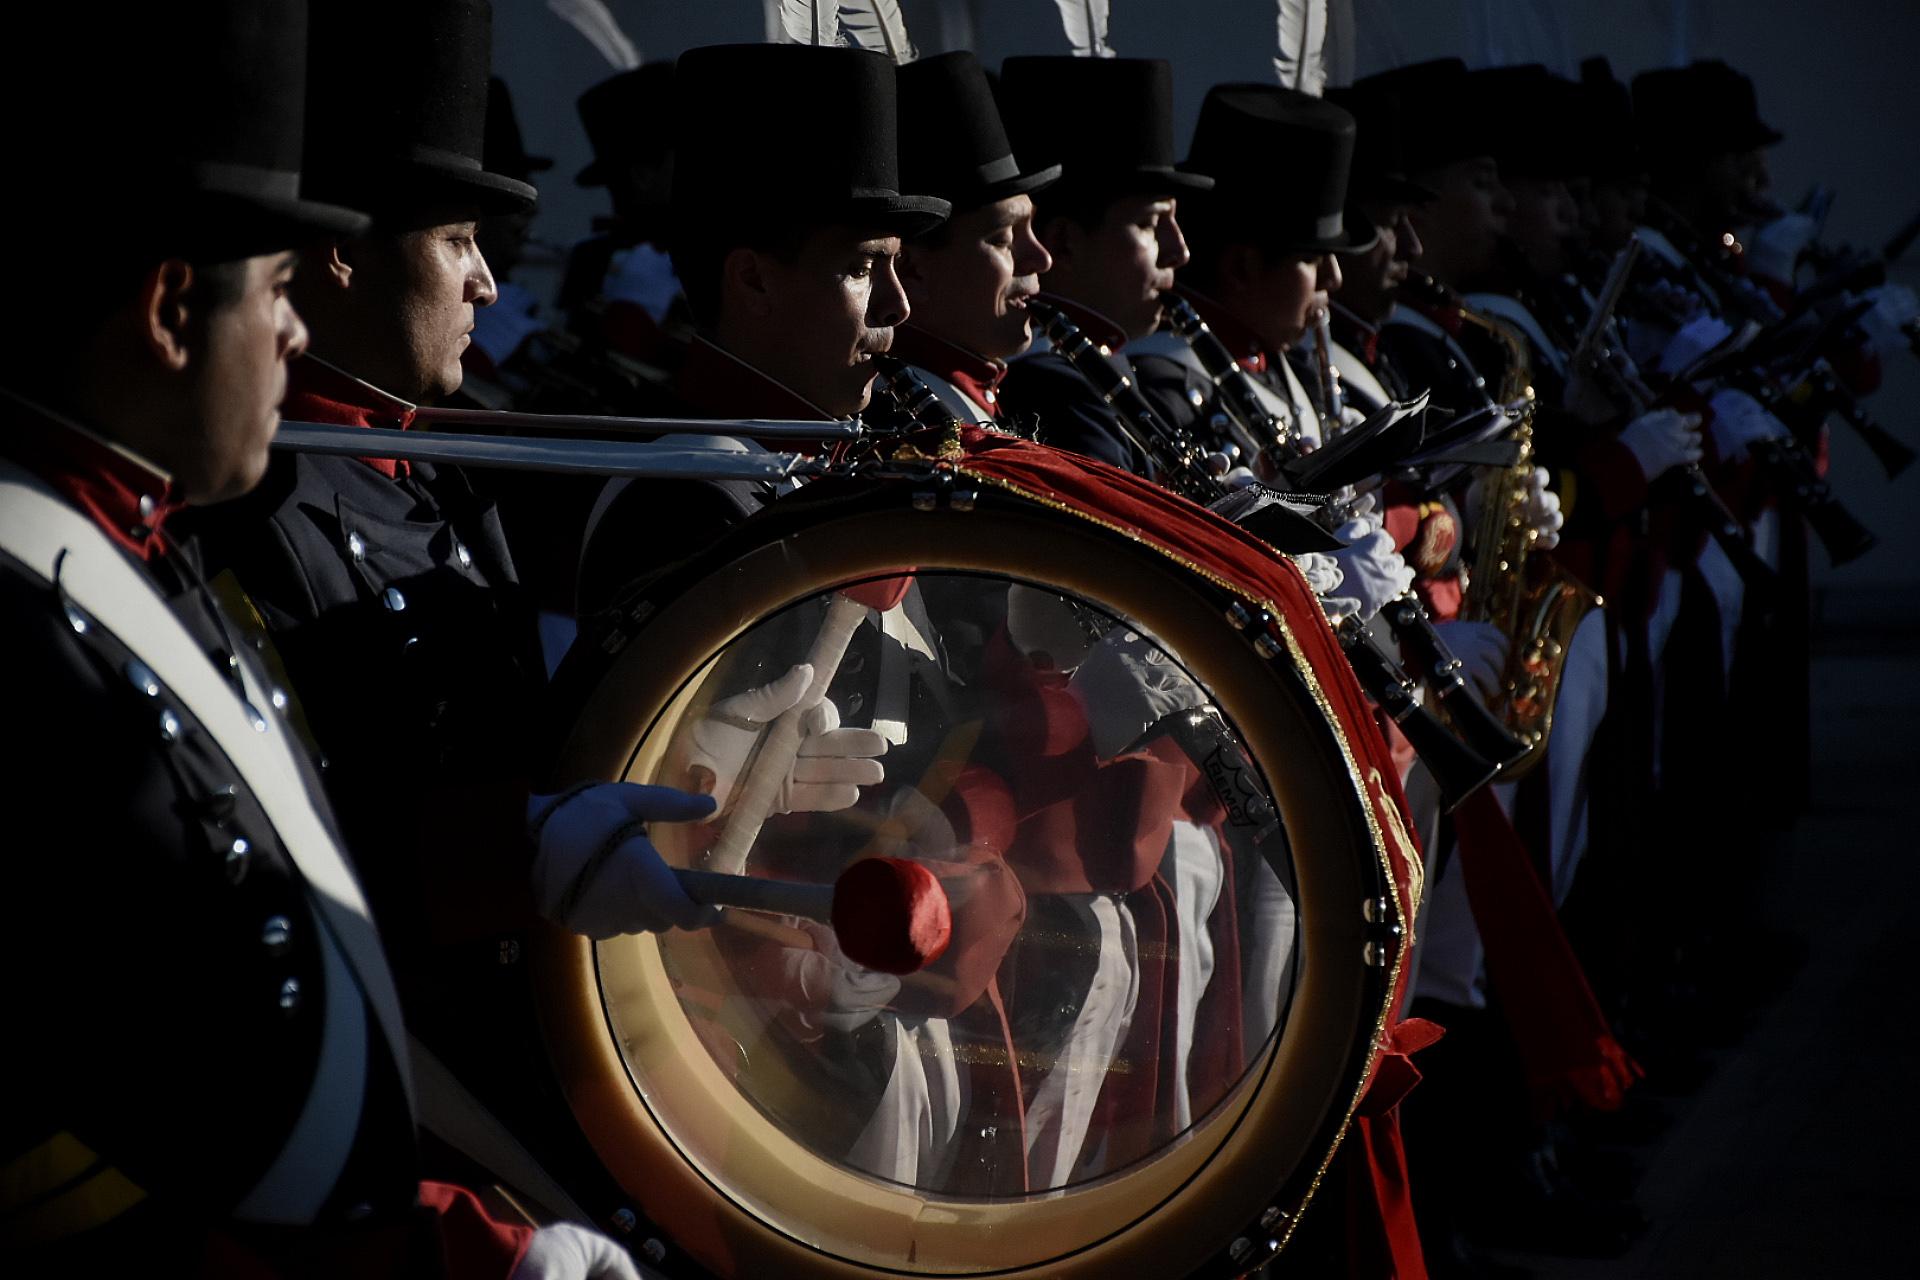 El Regimiento de Patricios hizo sonar sus emotivas melodías durante el regreso de los familiares al aeropuerto de Ezeiza